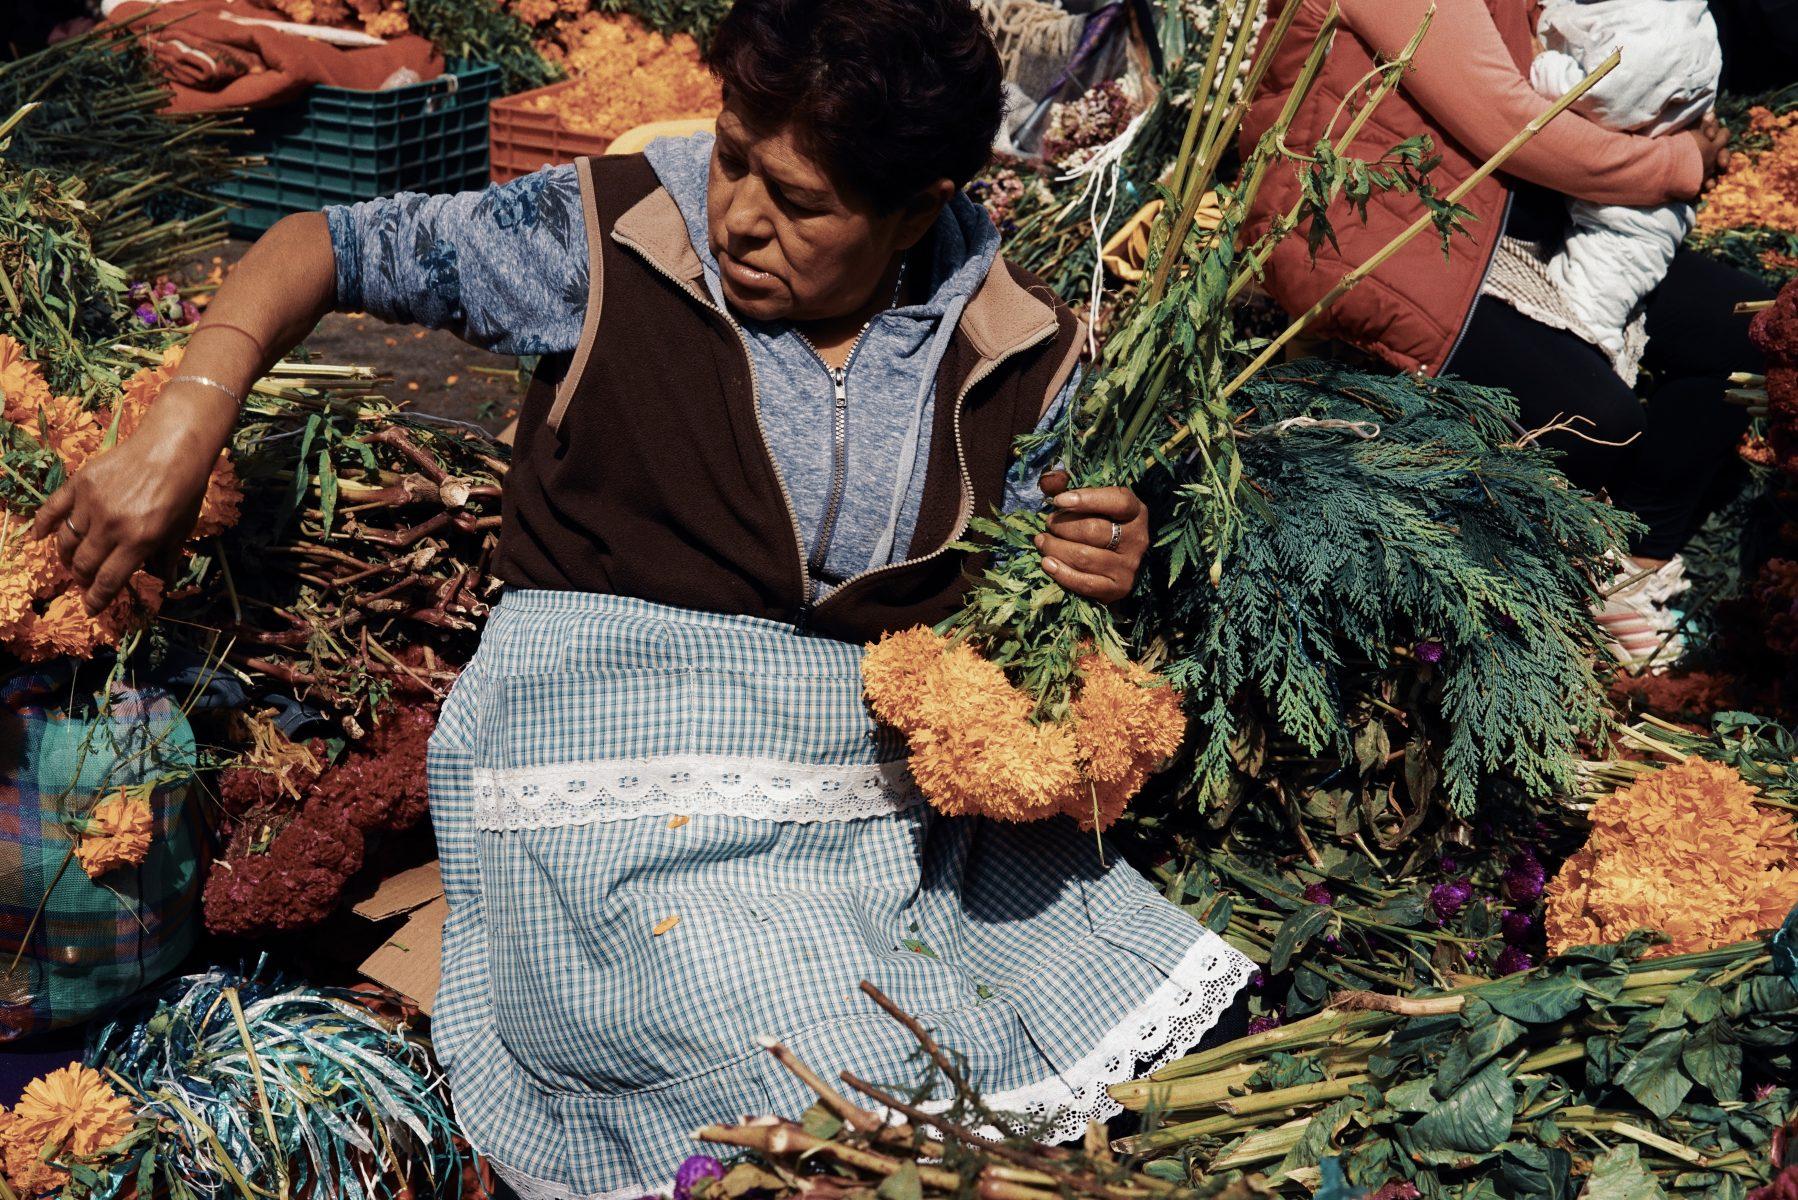 Color street photography por Pia Riverola, mercado de flores, mujer Ciudad de México